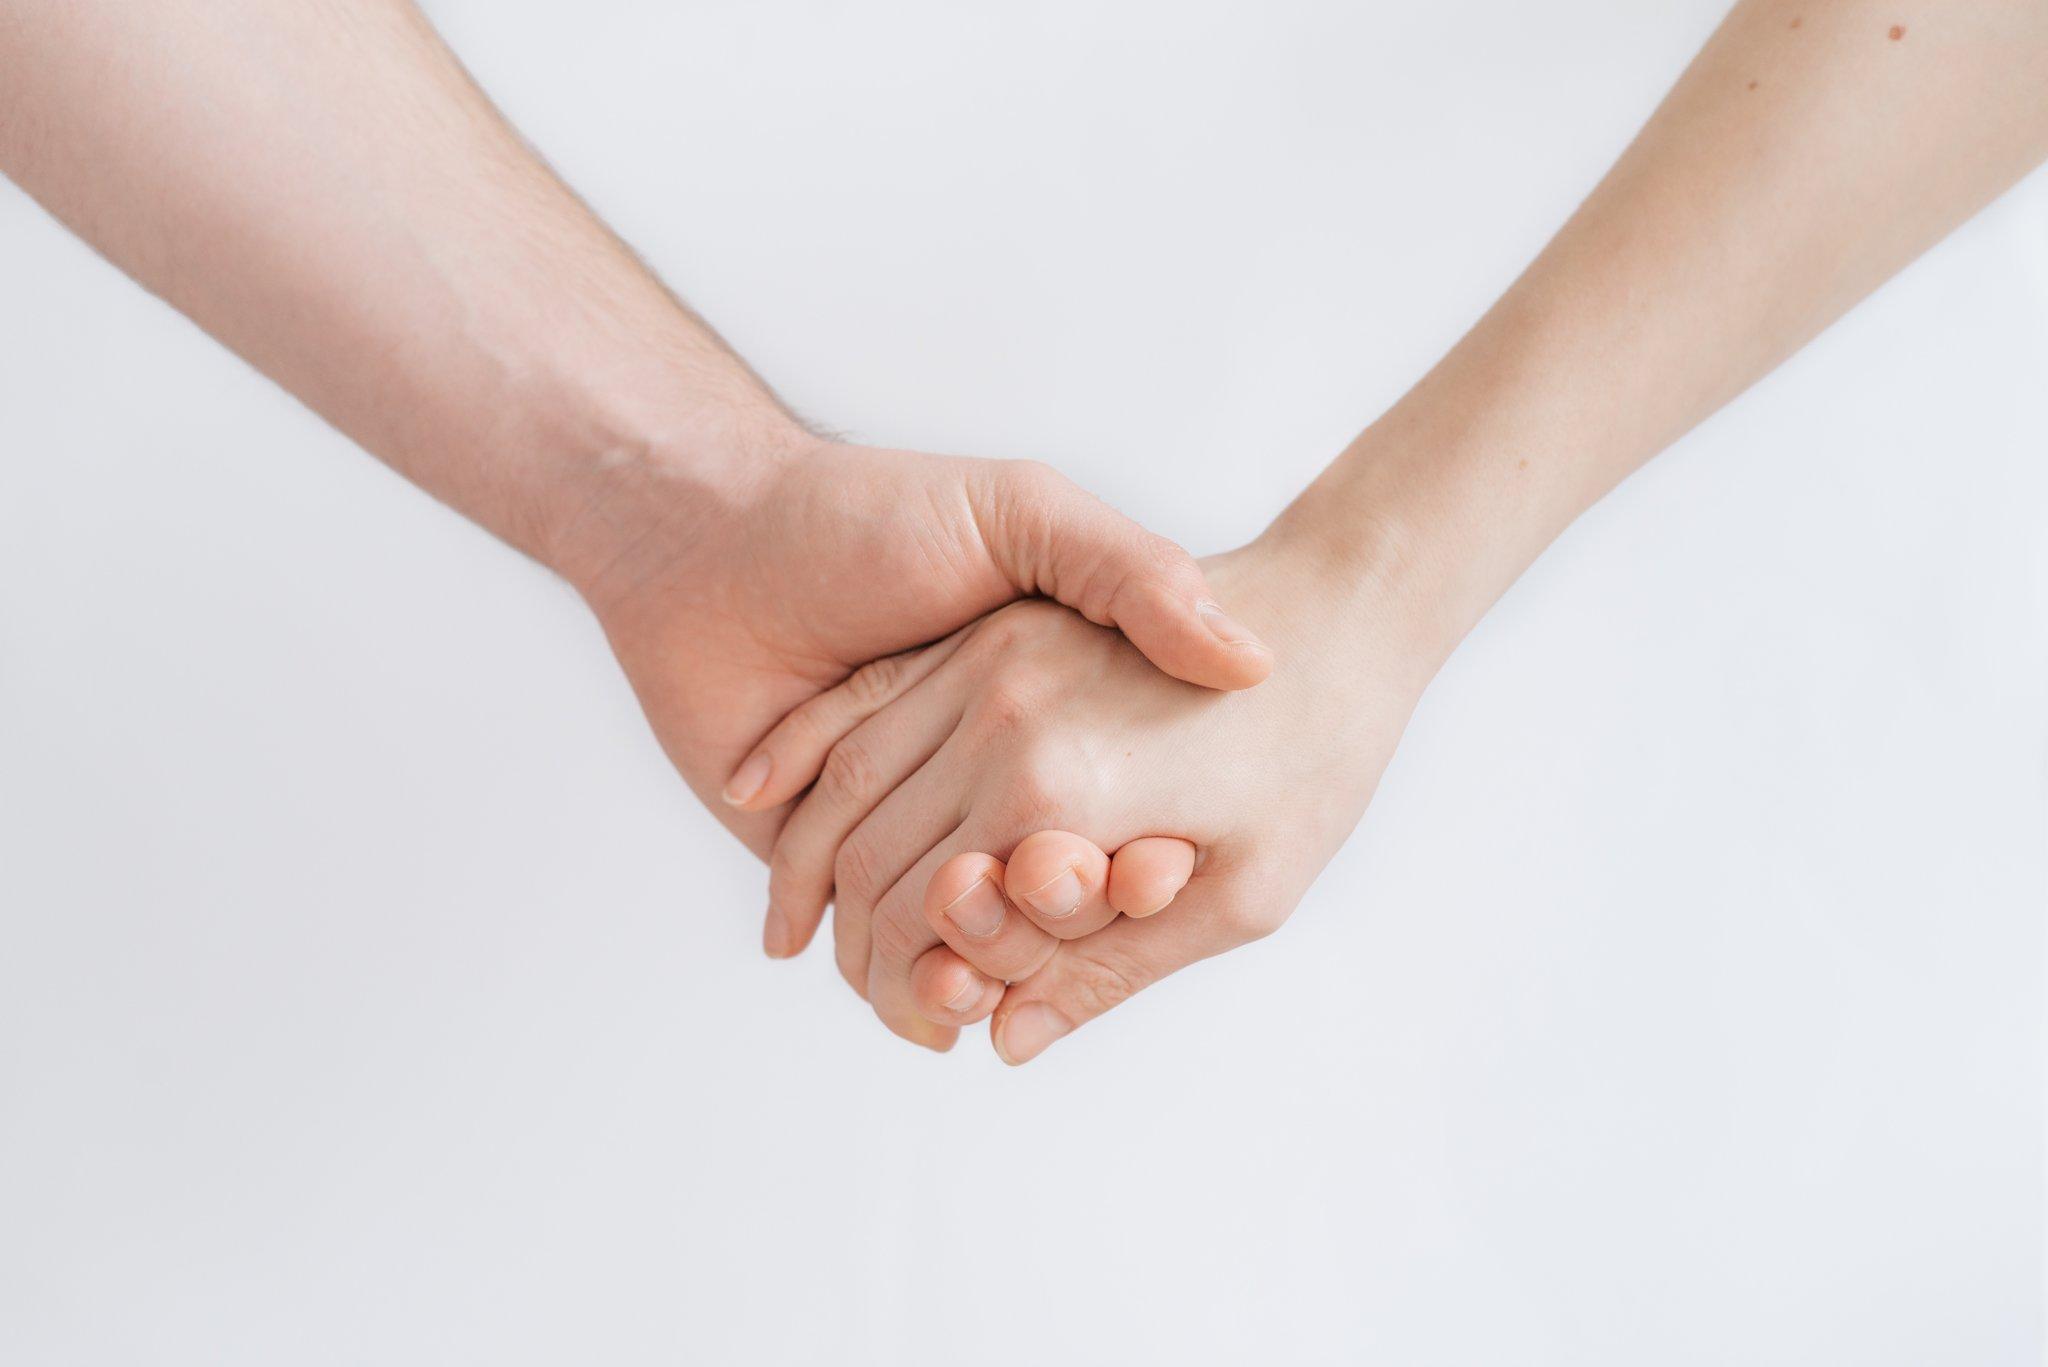 Treffen sind kostenlos: Paracelsus-Klinik Marl bietet Treffen für an Brustkrebs erkrankte Frauen an - Marl - Lokalkompass.de